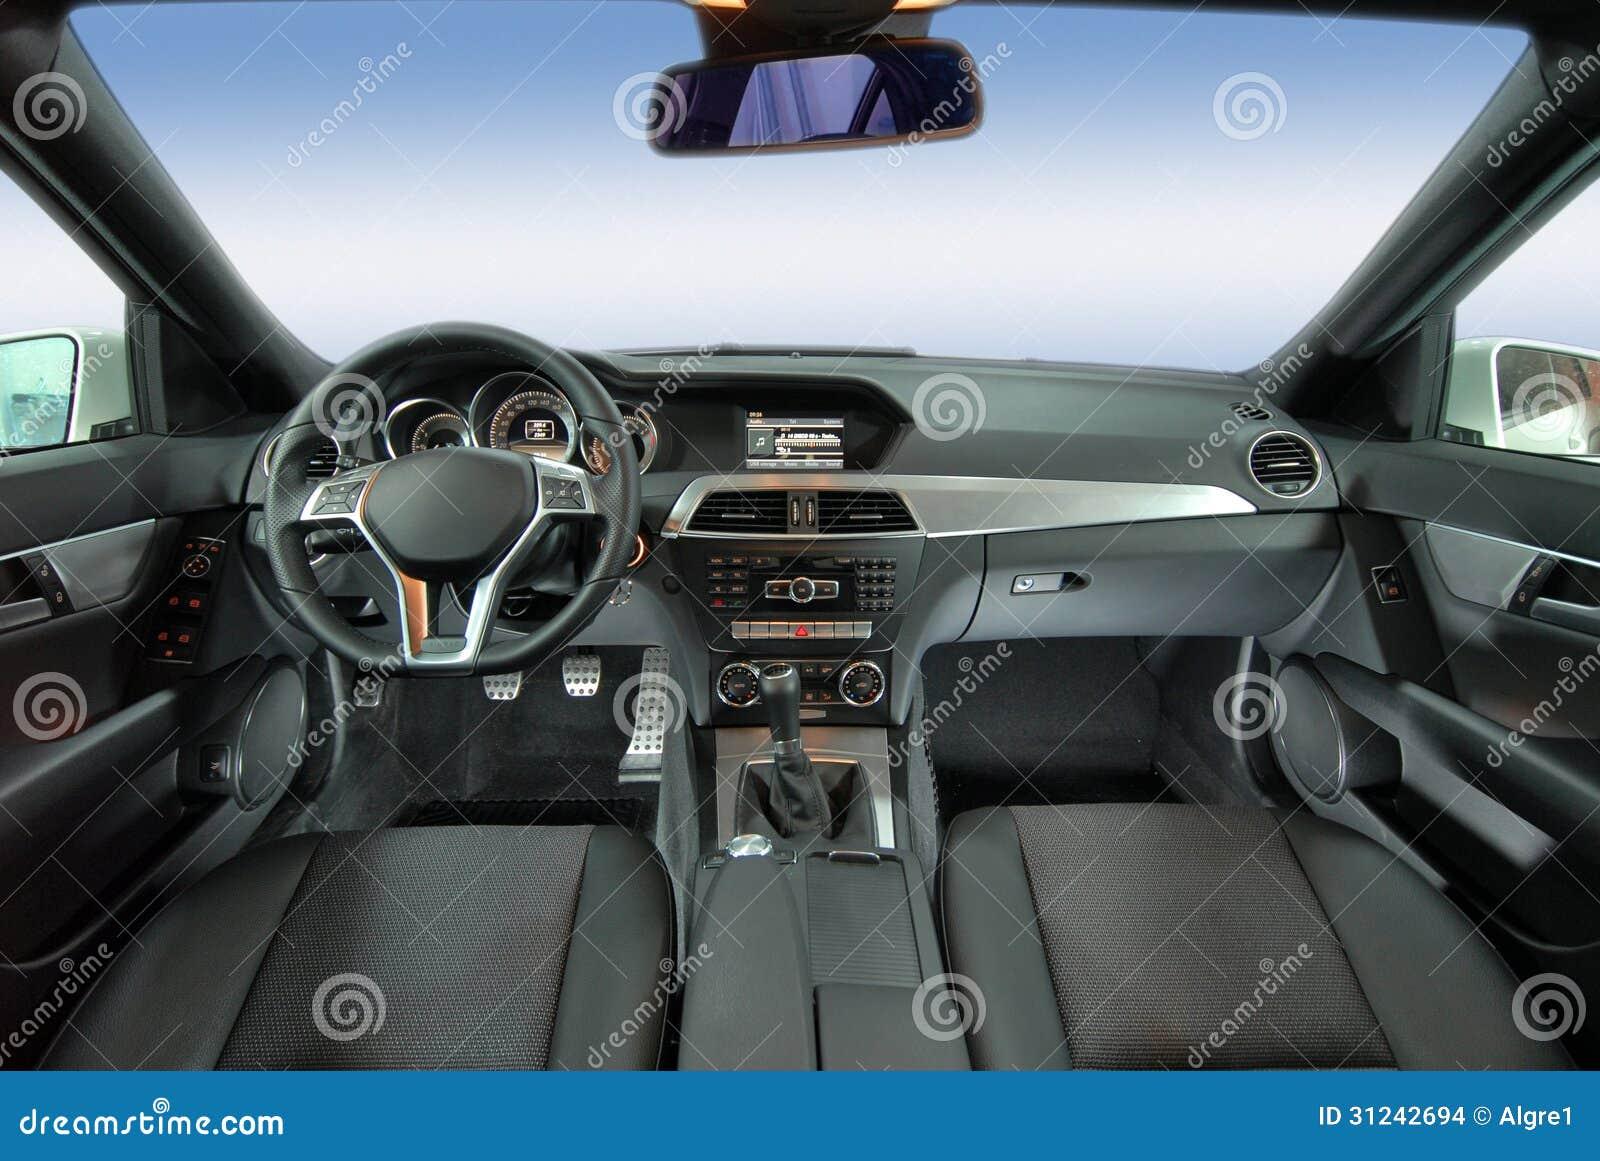 modern car interior stock images image 31242694. Black Bedroom Furniture Sets. Home Design Ideas